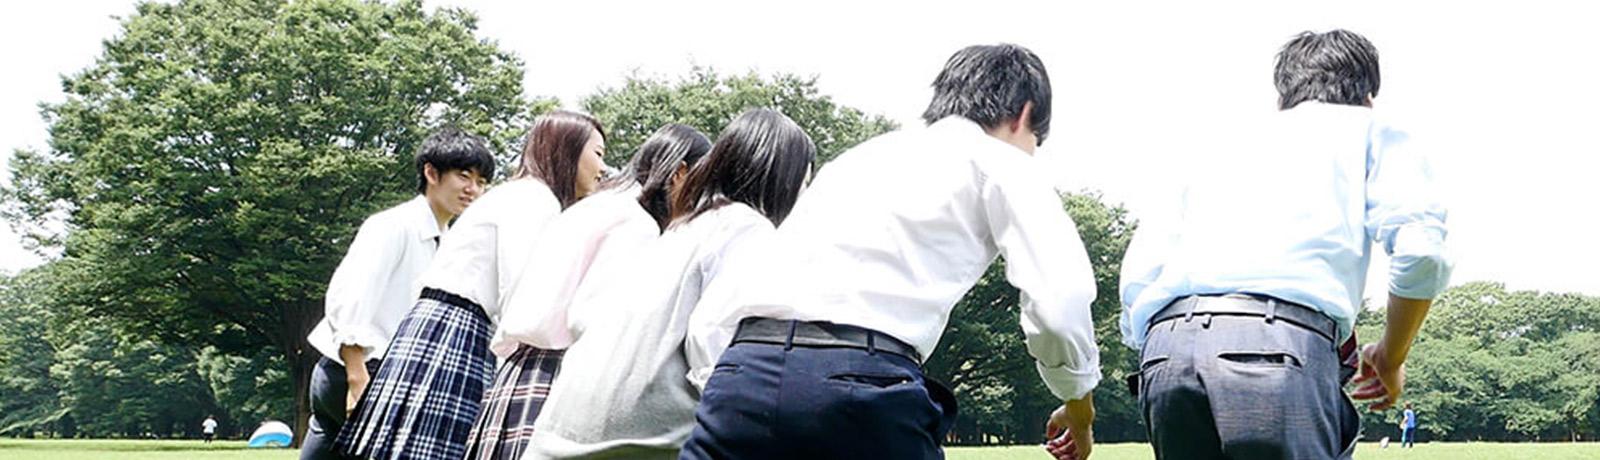 代々木高等学校の進路指導 | 通信制高校 大阪 学校法人代々木学園 代々木高等学校 大阪[公式]|大阪府大阪市中央区